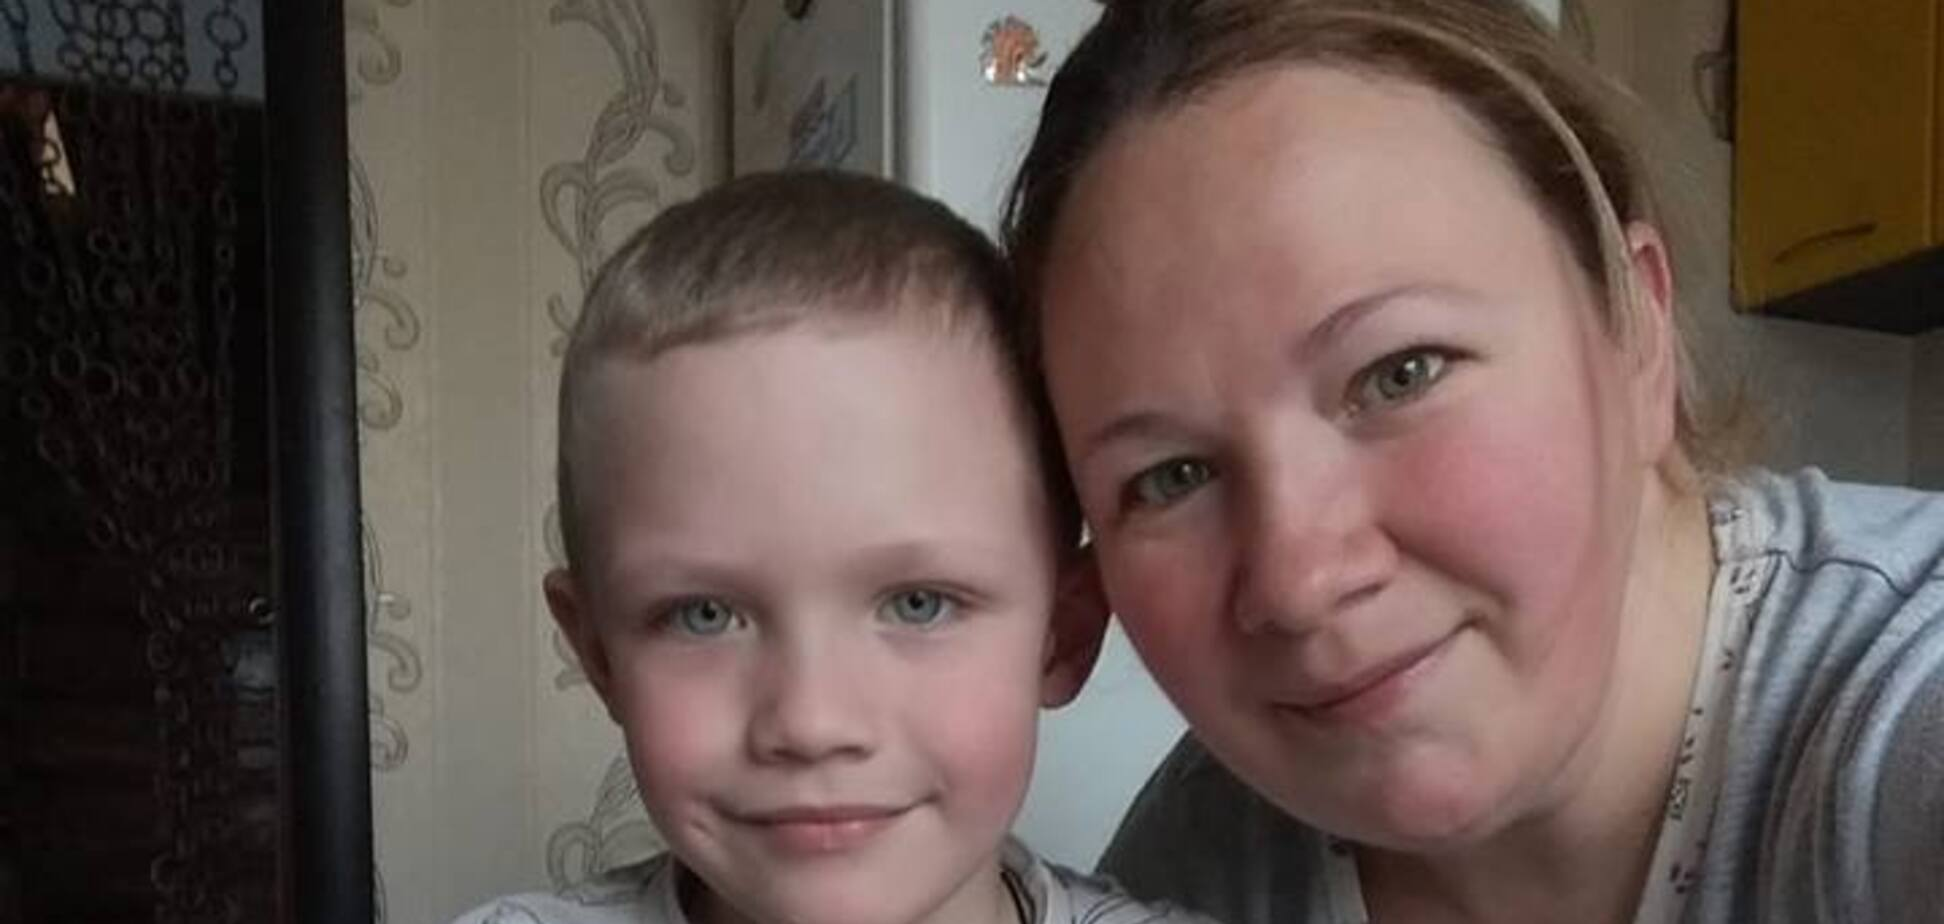 Вбивство 5-річного Кирила під Києвом: суд ухвалив нове рішення щодо підозрюваного поліцейського